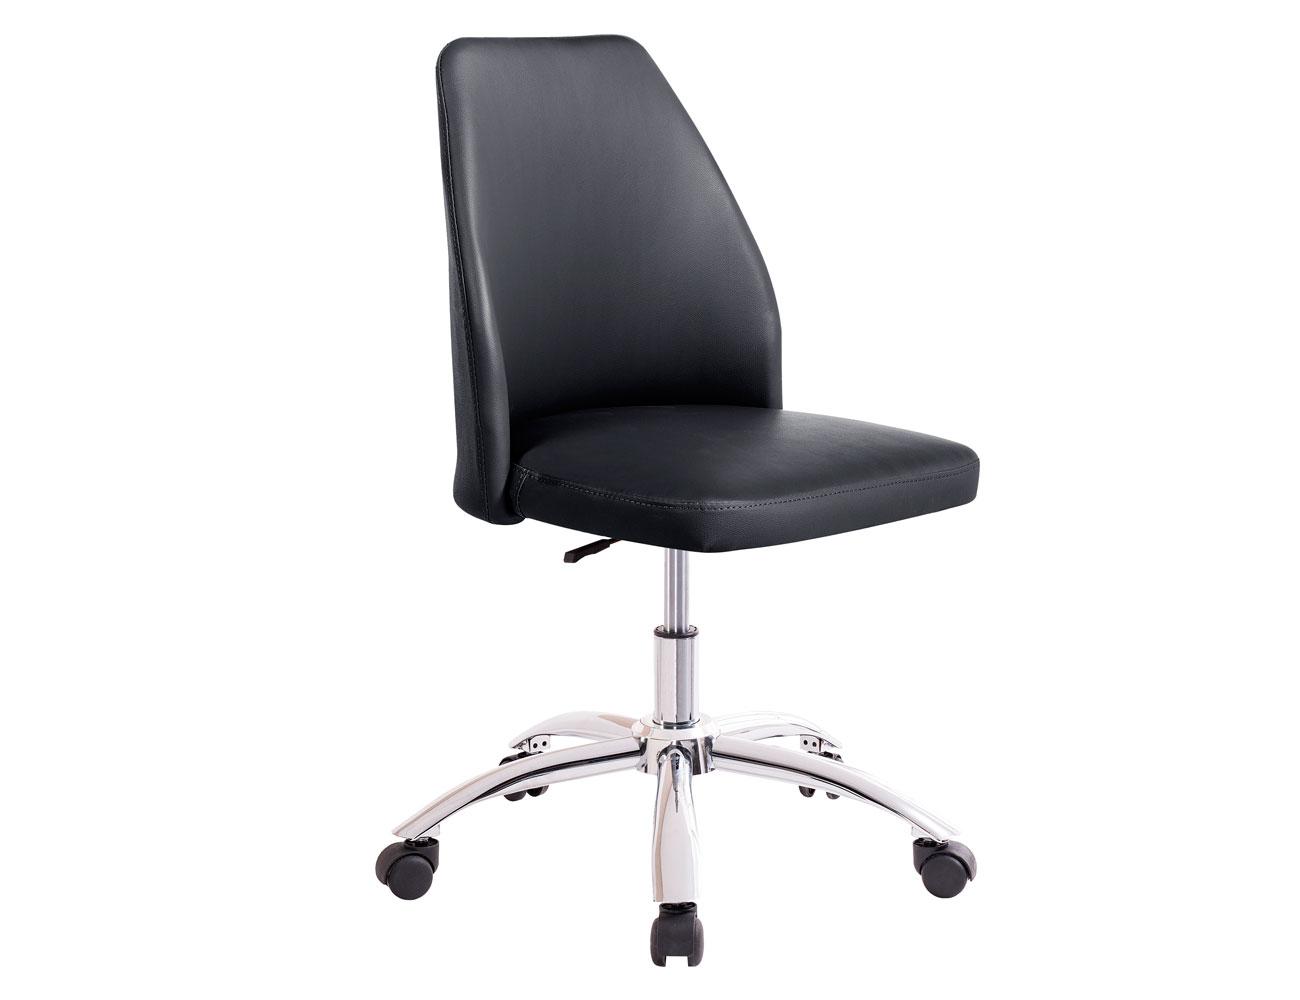 Sillon oficina despacho regulable altura polipiel negro